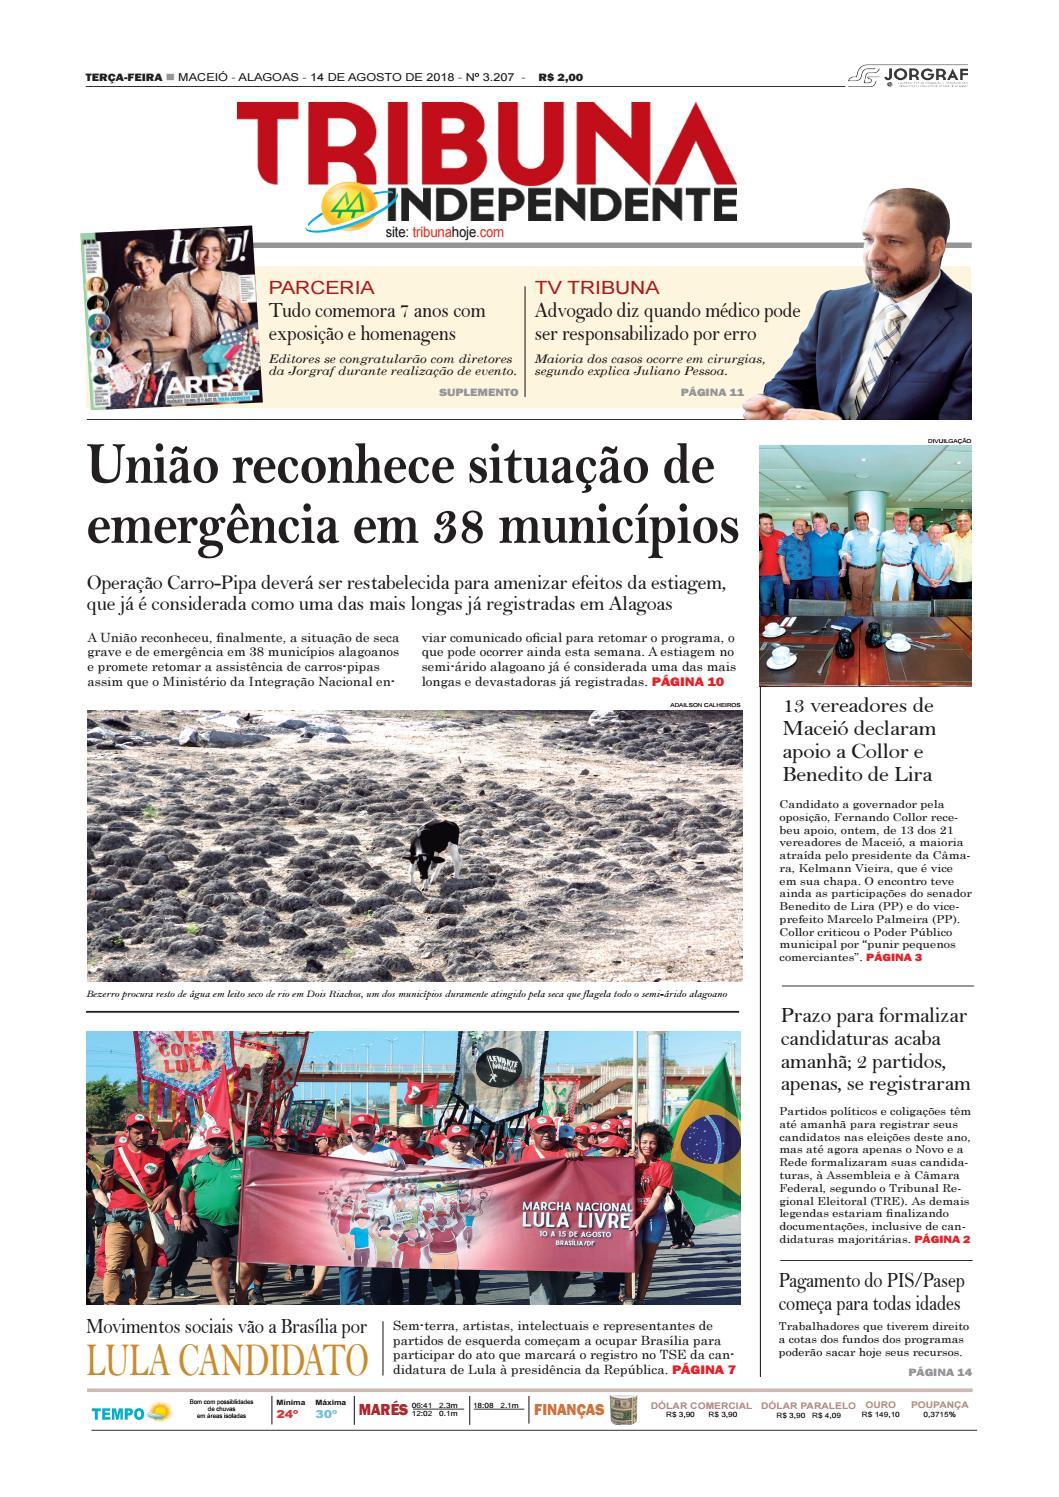 5302d2242 Edição número 3207 - 14 de agosto de 2018 by Tribuna Hoje - issuu